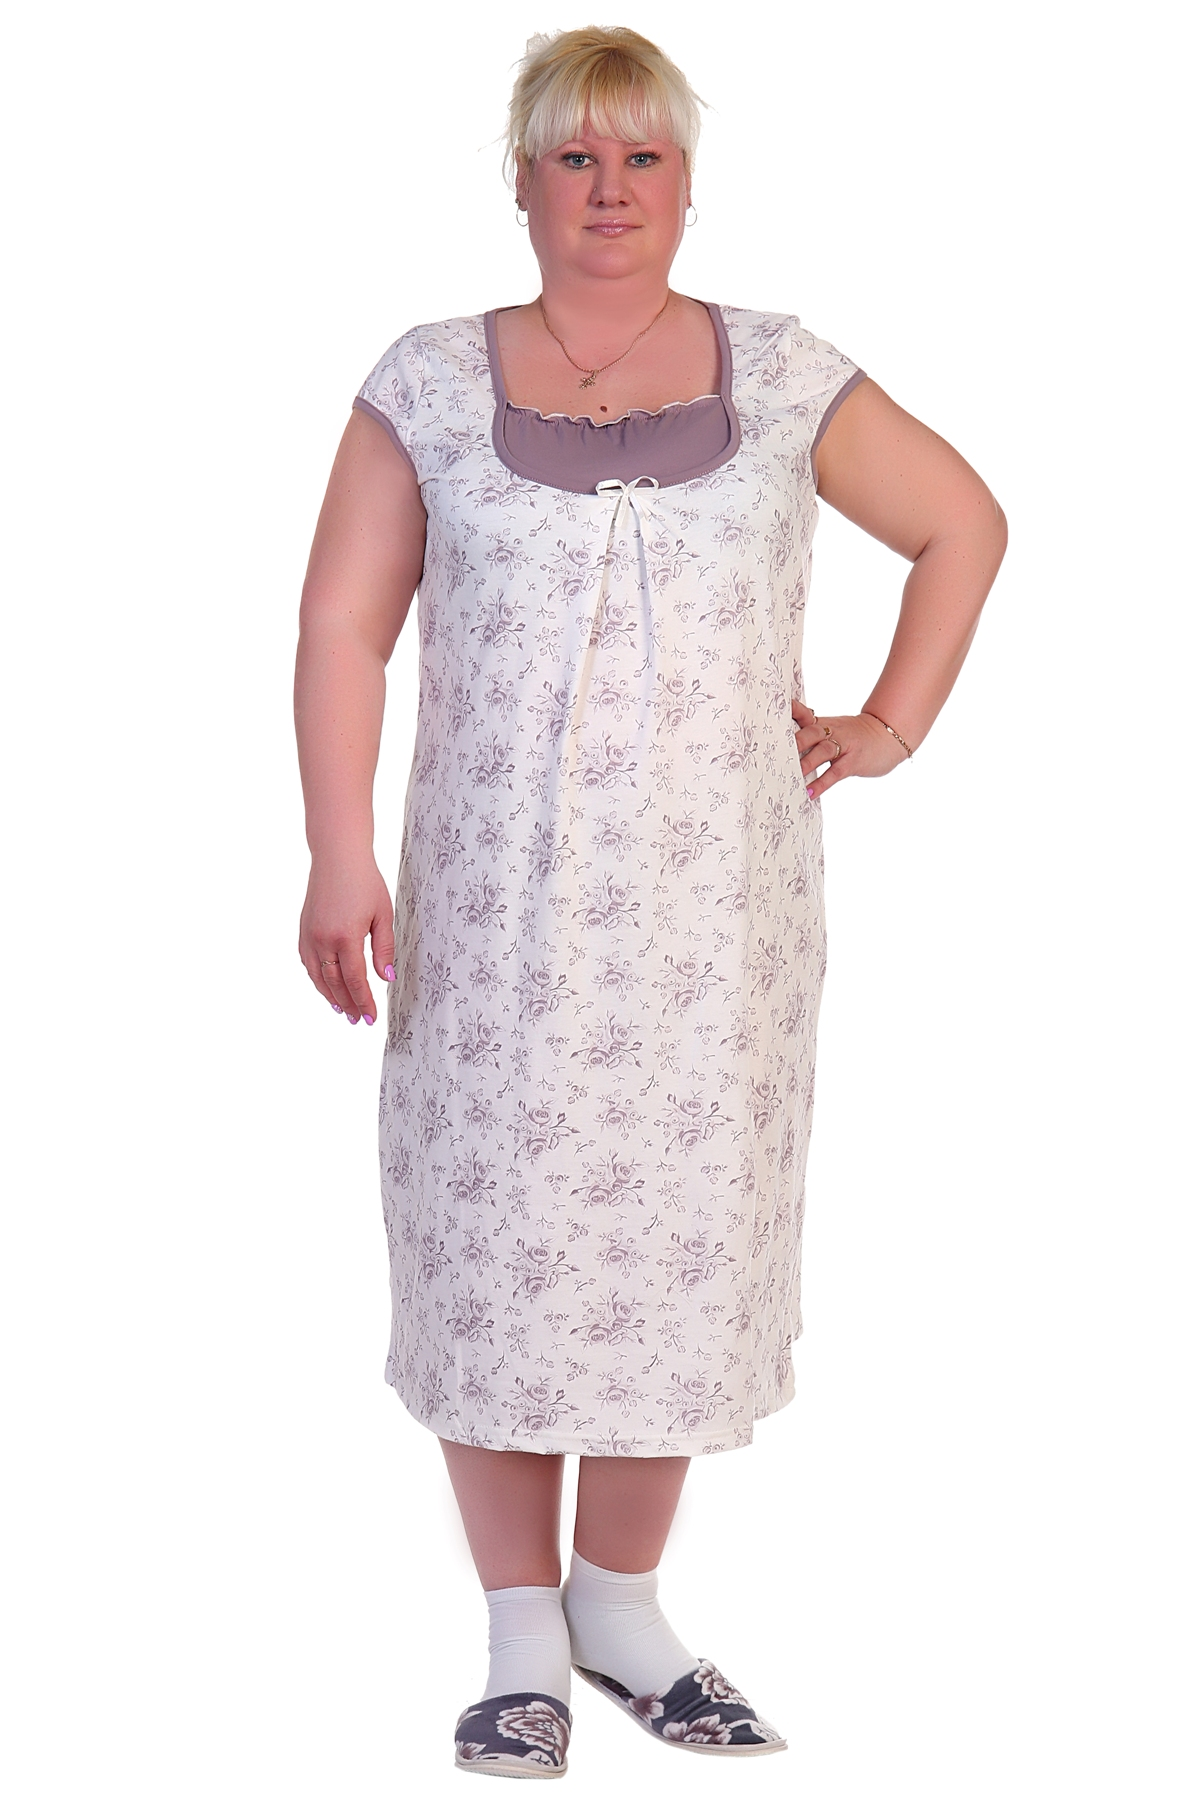 Жен. сорочка арт. 16-0288 р. 64Распродажа женской одежды<br>Факт. ОГ: 132 см <br>Факт. ОТ: 136 см <br>Факт. ОБ: 150 см <br>Длина по спинке: 115 см<br><br>Тип: Жен. сорочка<br>Размер: 64<br>Материал: Кулирка